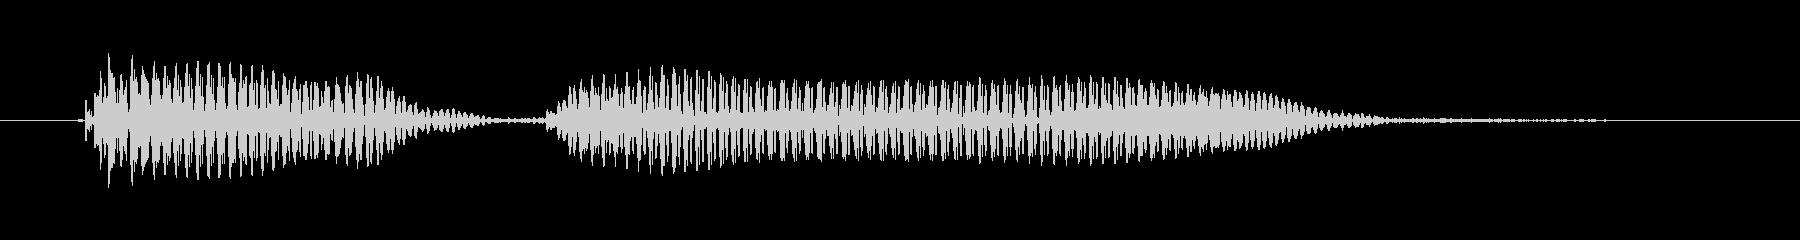 ティーンメスC:わかりましたの未再生の波形